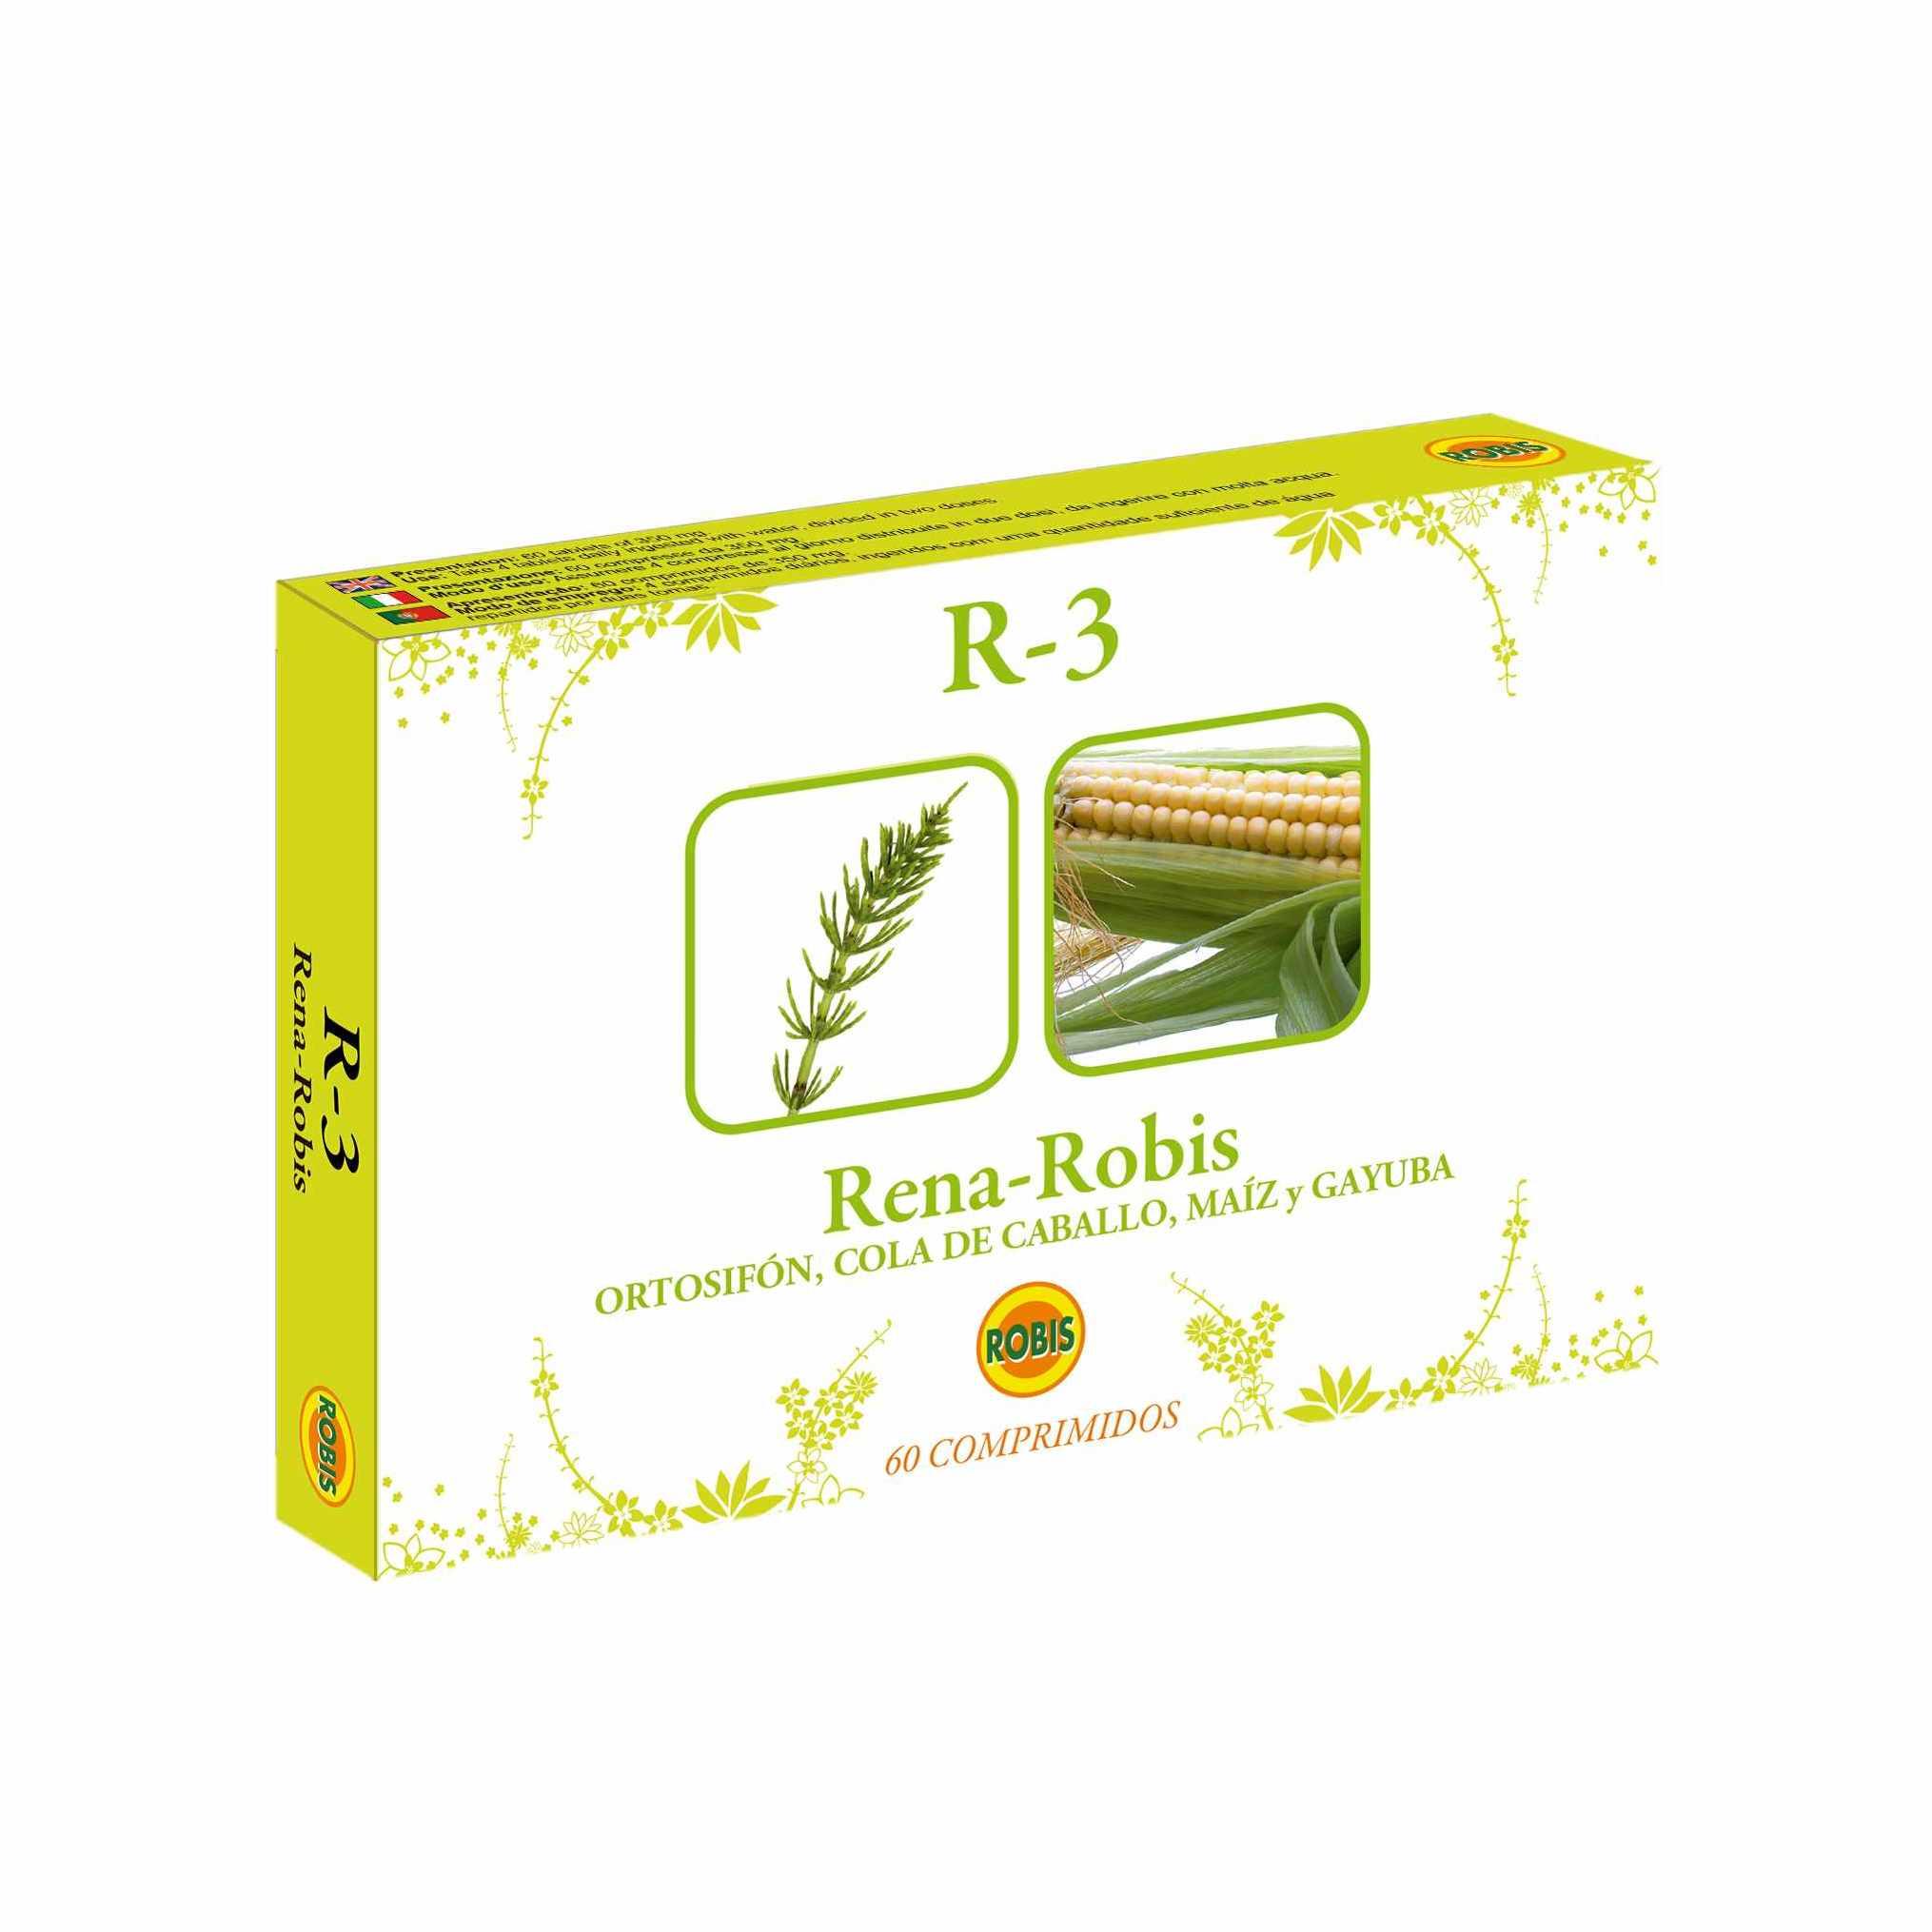 R-3 Robis